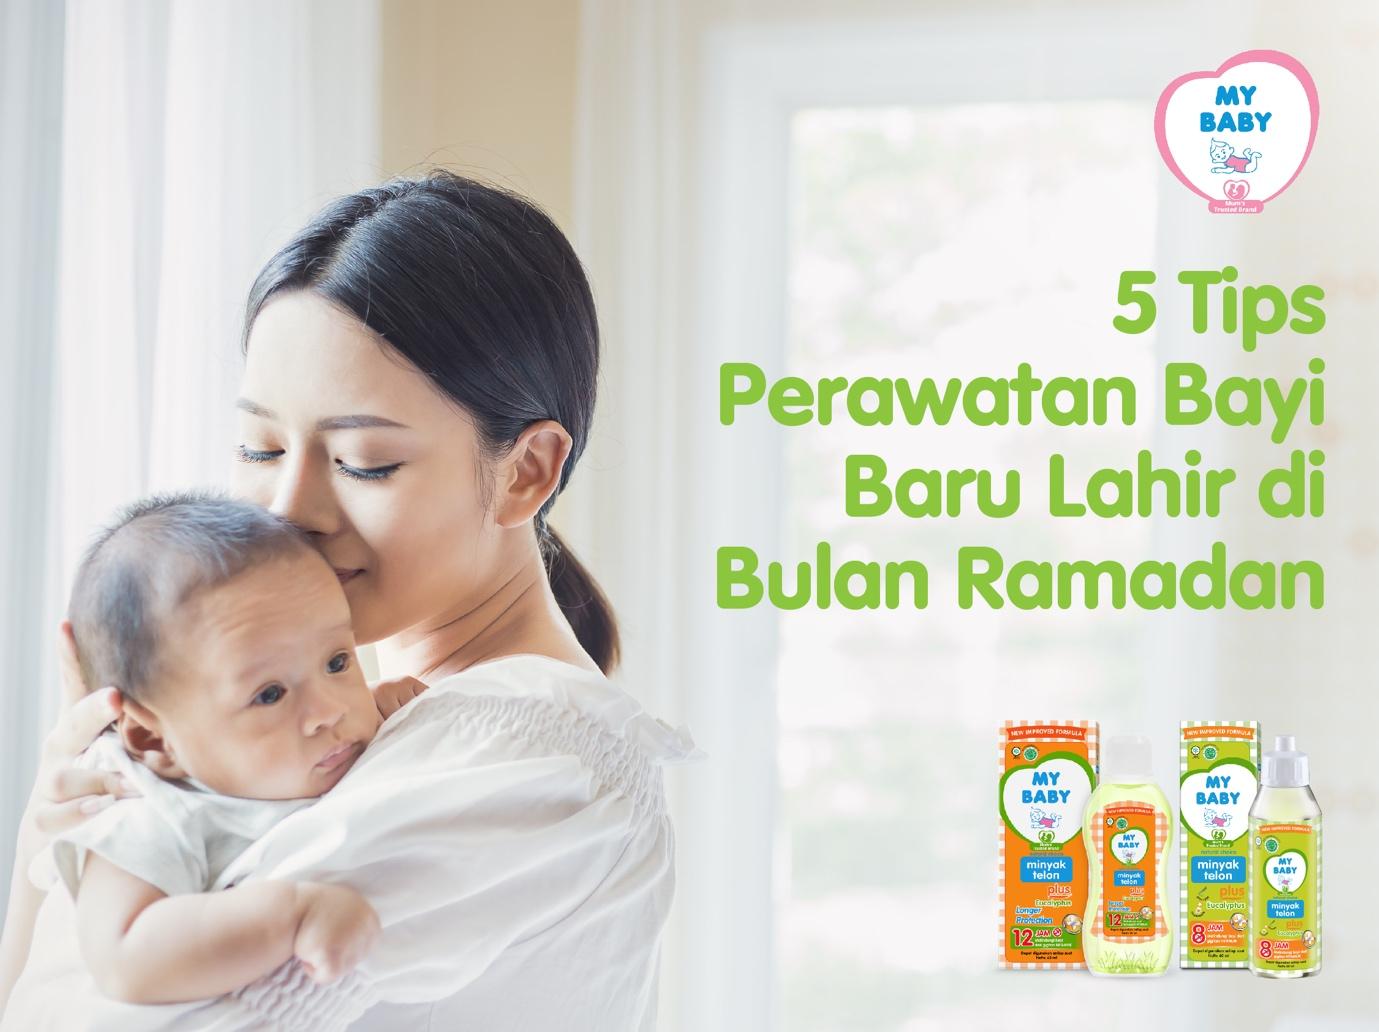 5 Tips Perawatan Bayi Baru Lahir di Bulan Ramadan